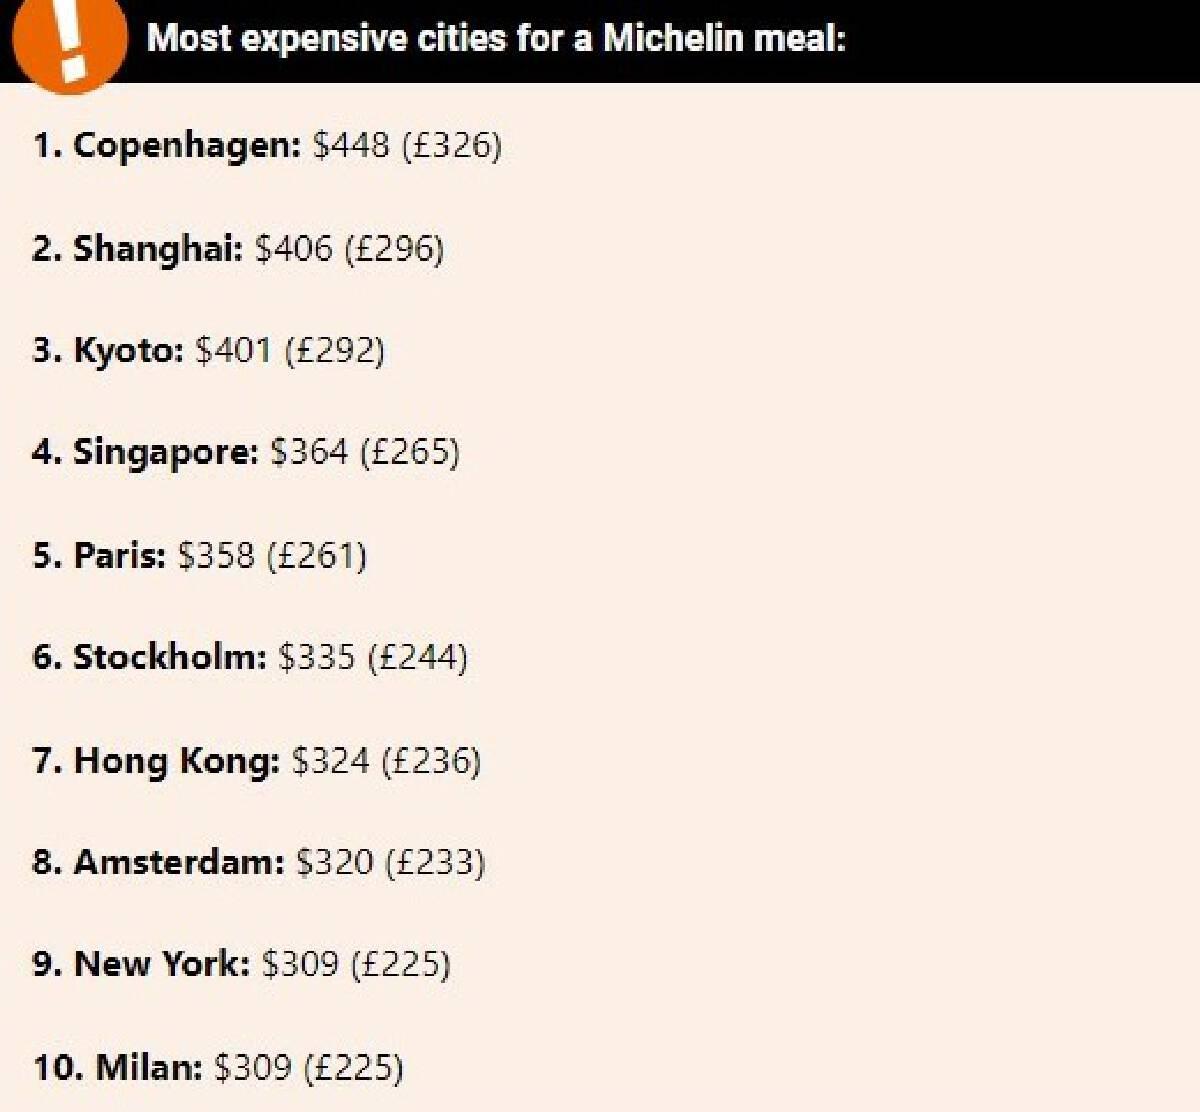 """กรุงเทพฯ ยืนหนึ่ง เมืองที่ราคาอาหารระดับมิชลิน """"ถูกที่สุด"""" ในโลก"""